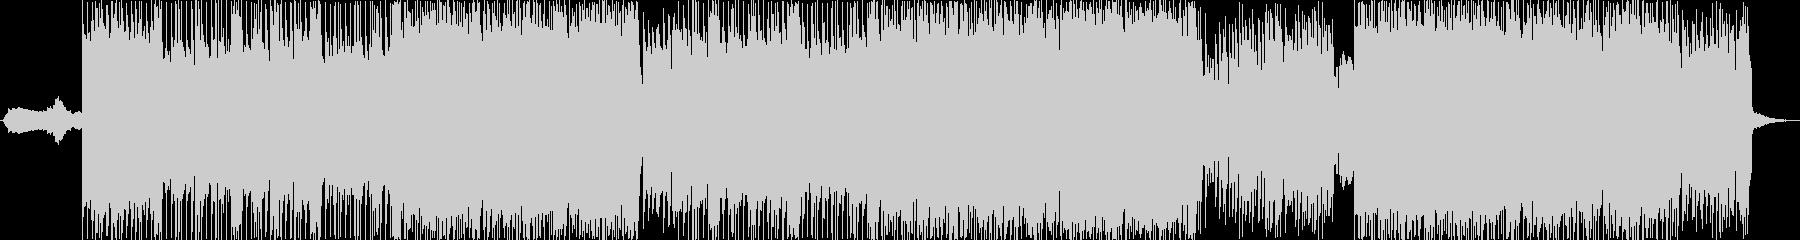 キャッチーな男性ボーカルのシンセポ...の未再生の波形